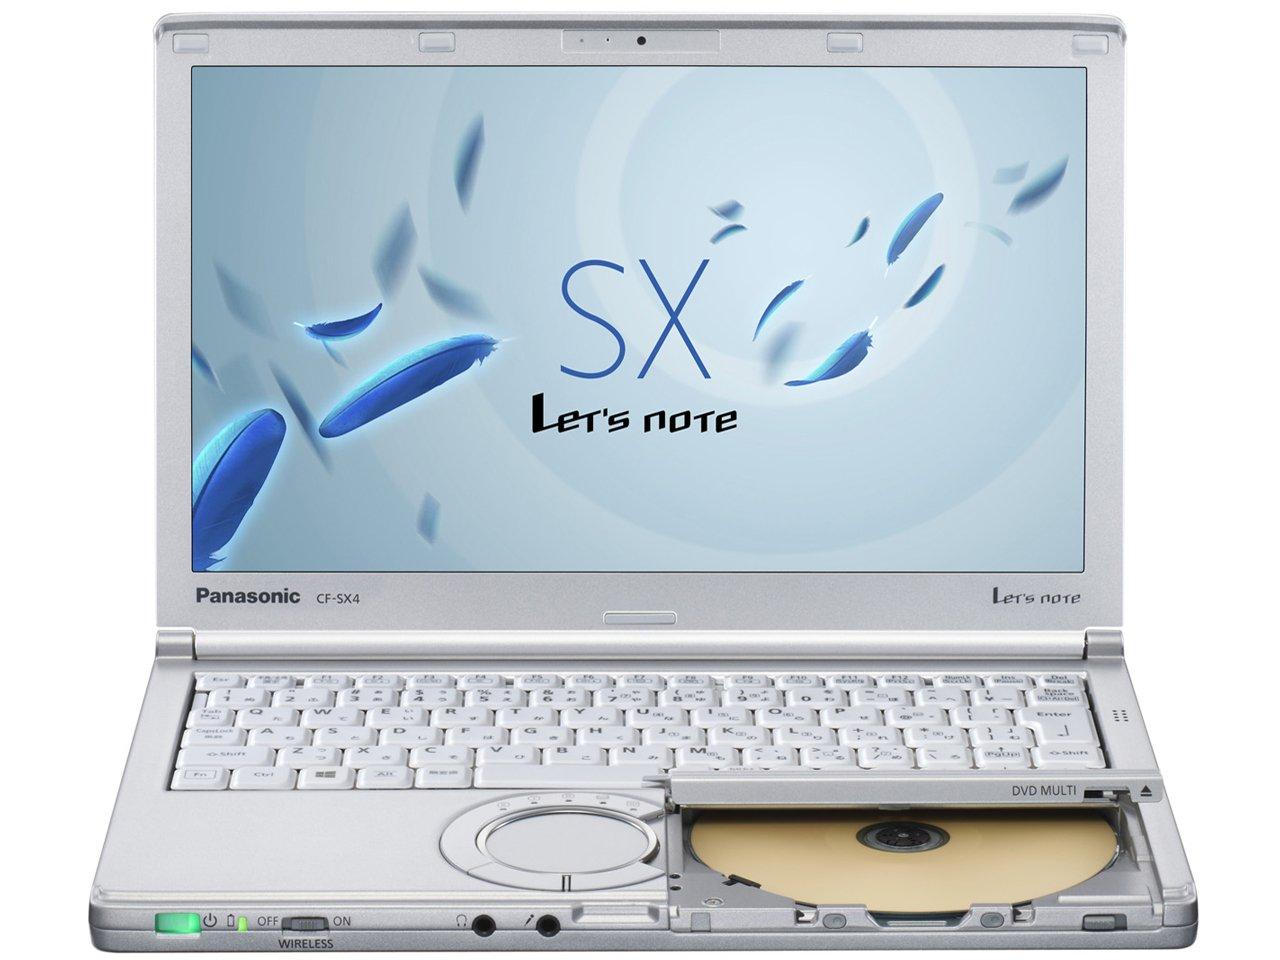 超安い PANASONIC CF-SX4EDHCS Let's note PANASONIC 12.1 SX4 [ノートパソコン 12.1 note B00SWFTV5A, ユキポート:85b7ec15 --- arianechie.dominiotemporario.com